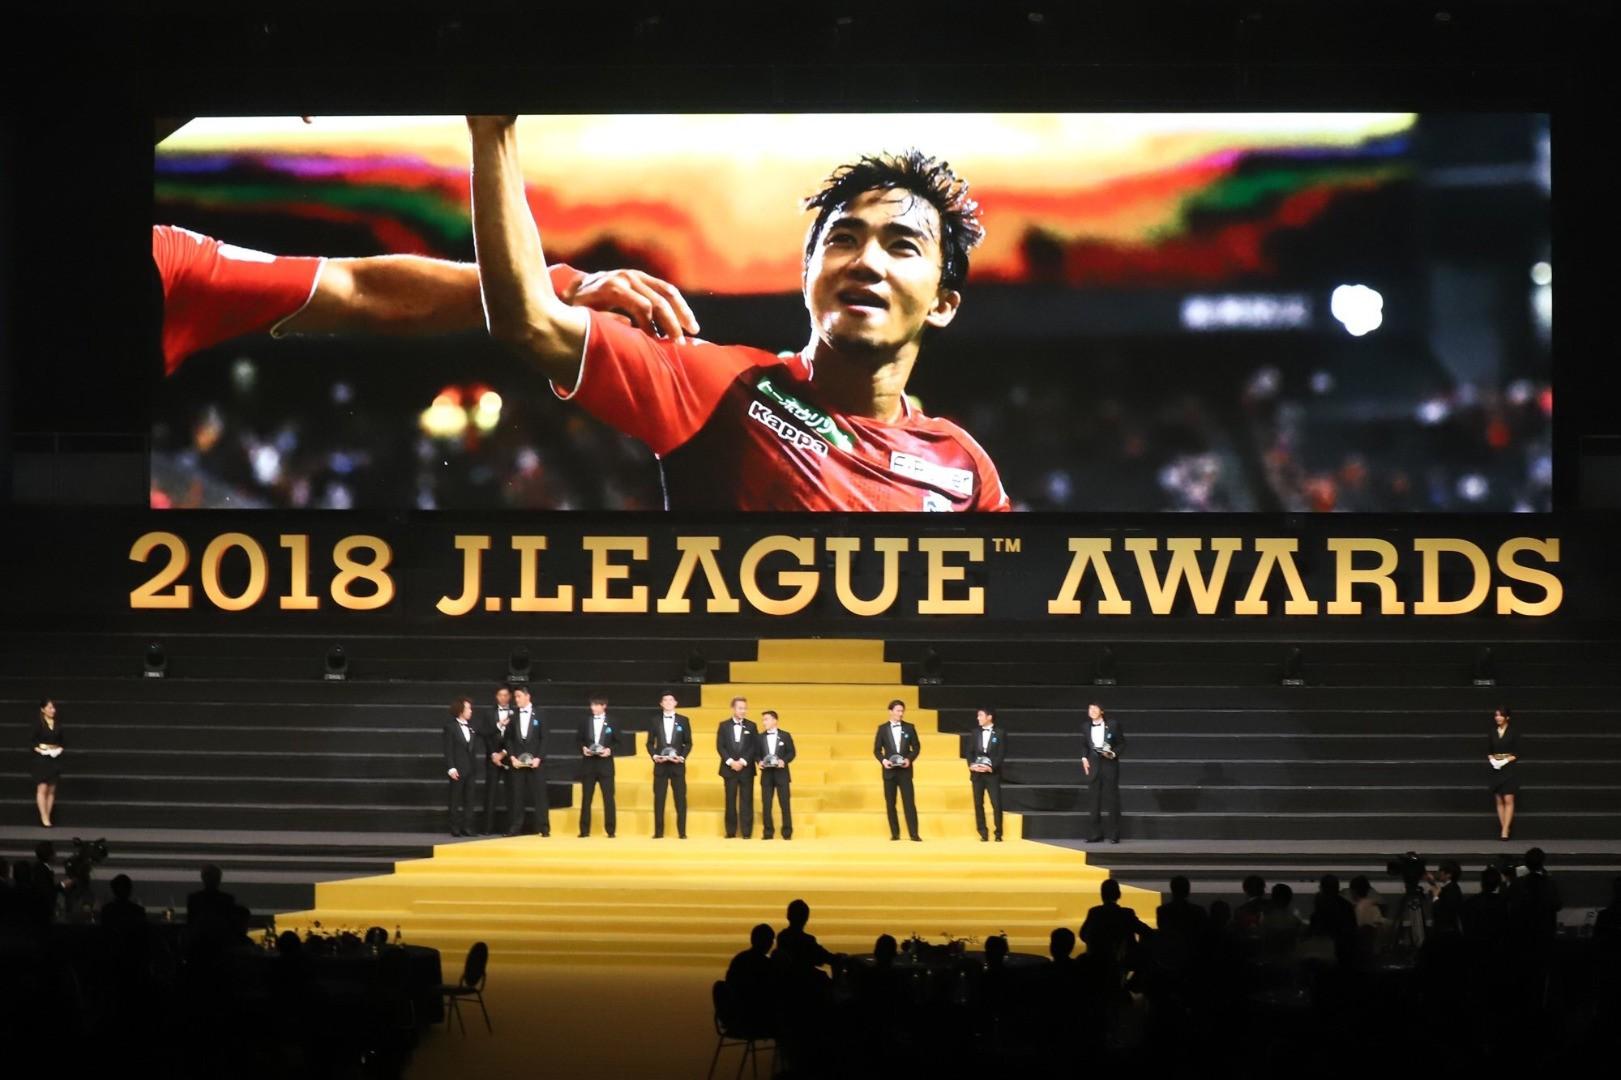 Xuất ngoại chơi bóng, Messi Thái tạo ra thành tích chưa từng có trong lịch sử bóng đá Đông Nam Á - Ảnh 2.